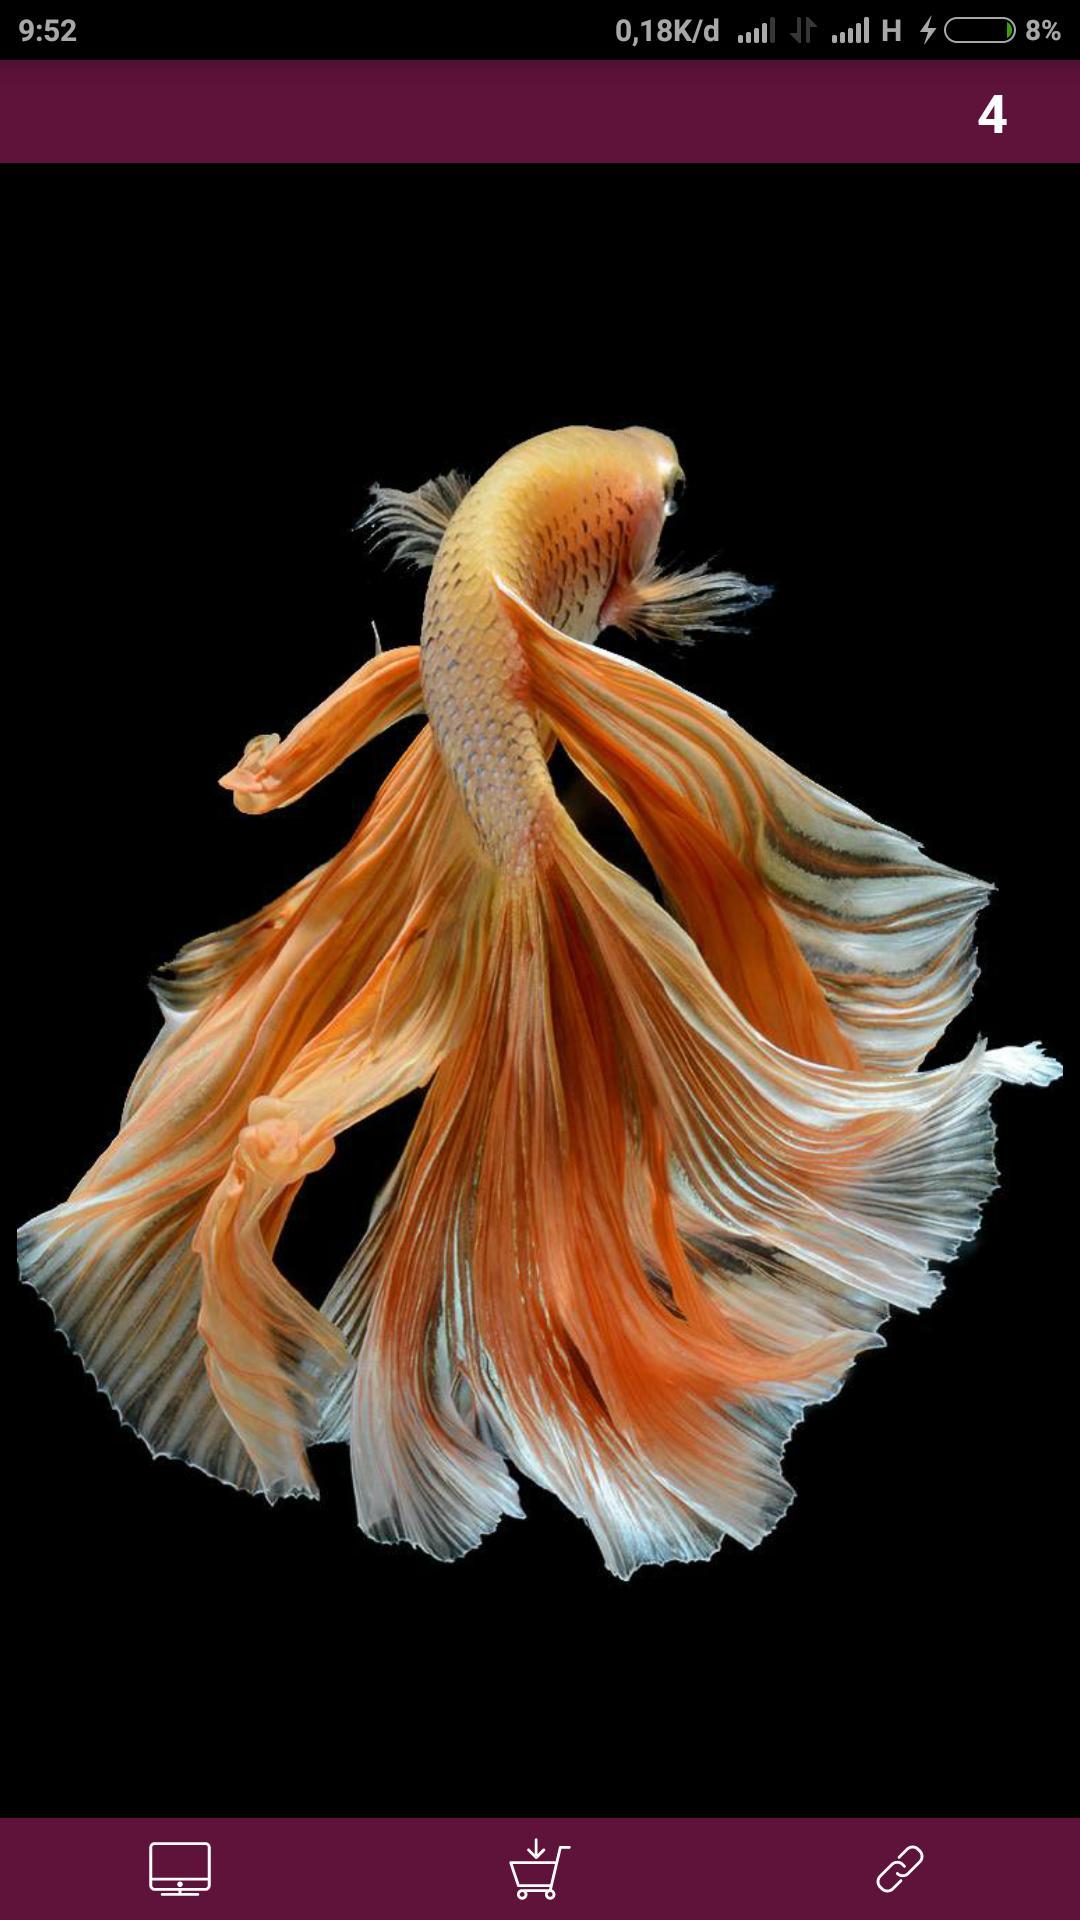 101+ Gambar Ikan Cupang Gif Gratis Terbaru